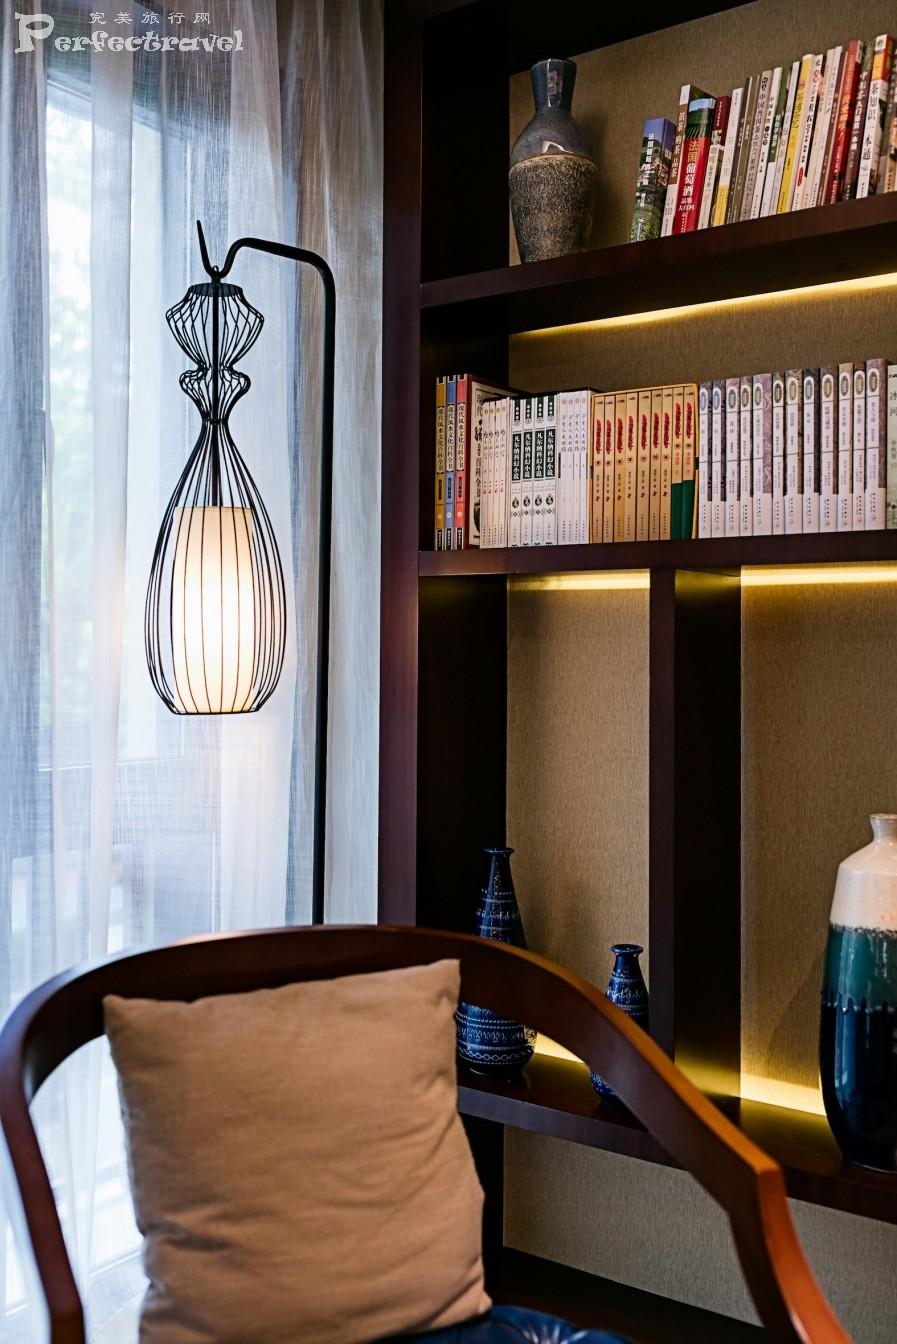 广州又一家SLH酒店 - 完美旅行Perfectravel - 完美旅行Perfectravel的博客